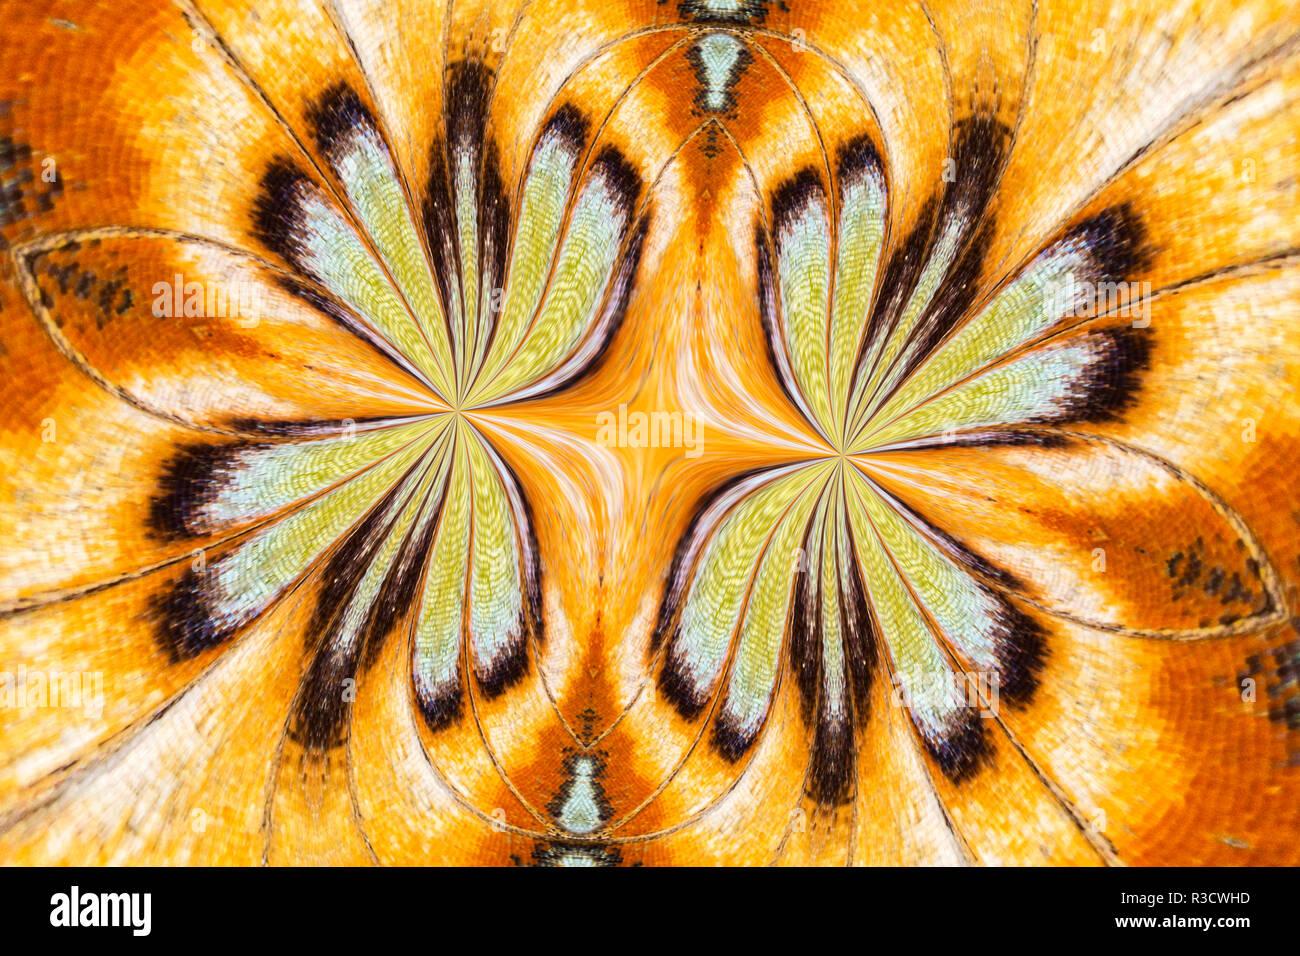 Malachit Schmetterling umgedreht und gespiegelten Muster, Missouri Botanical Gardens, Missouri Stockbild